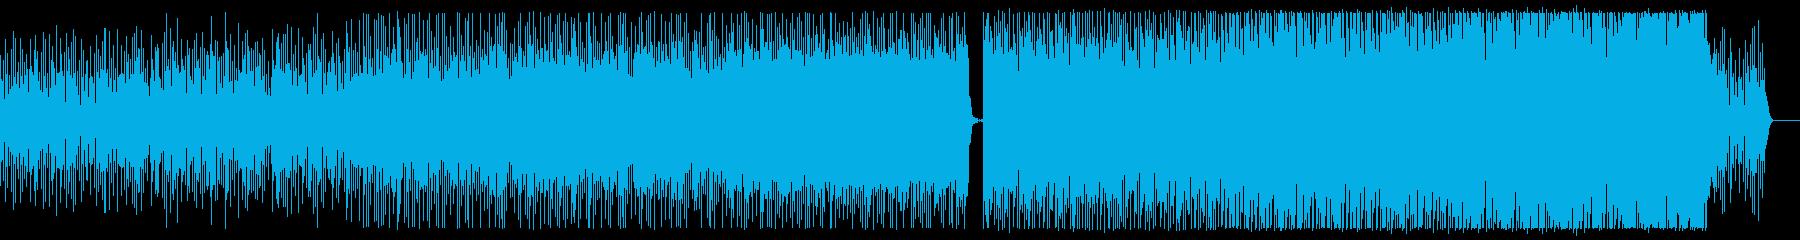 機械軍が行進する様なエレクトリックビートの再生済みの波形